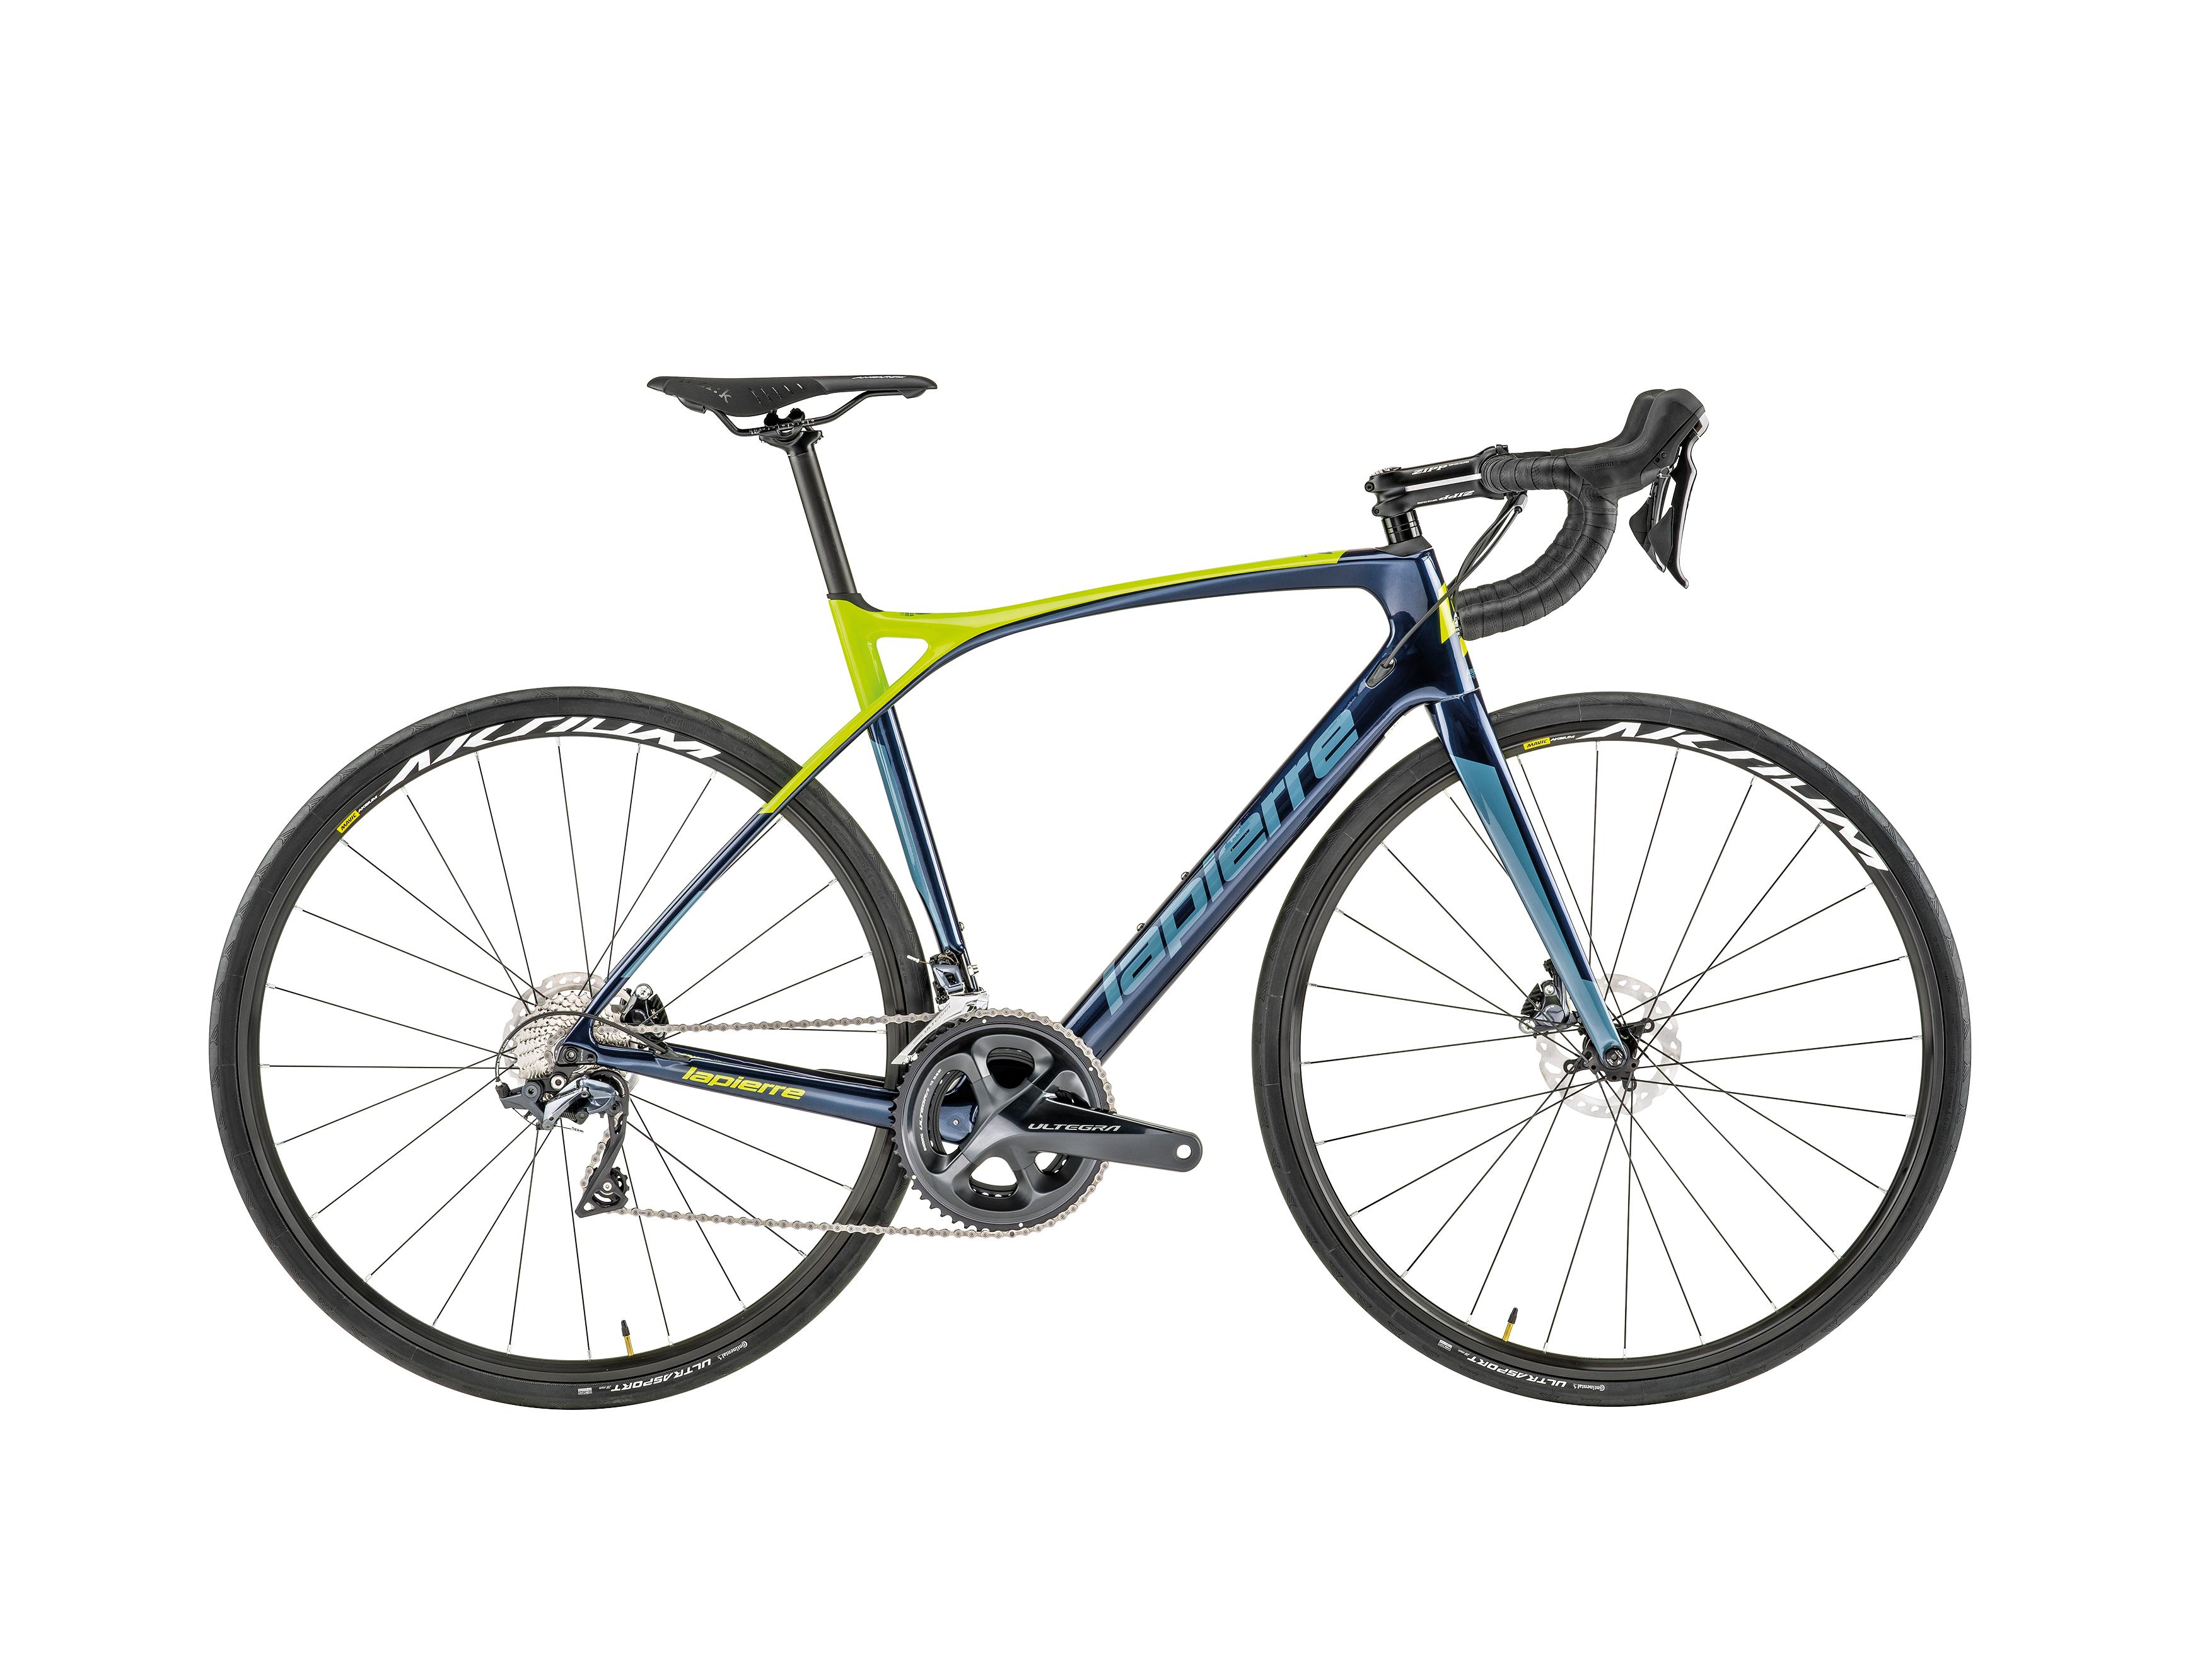 Bicykel LAPIERRE XELIUS SL2 600 DISC 2019